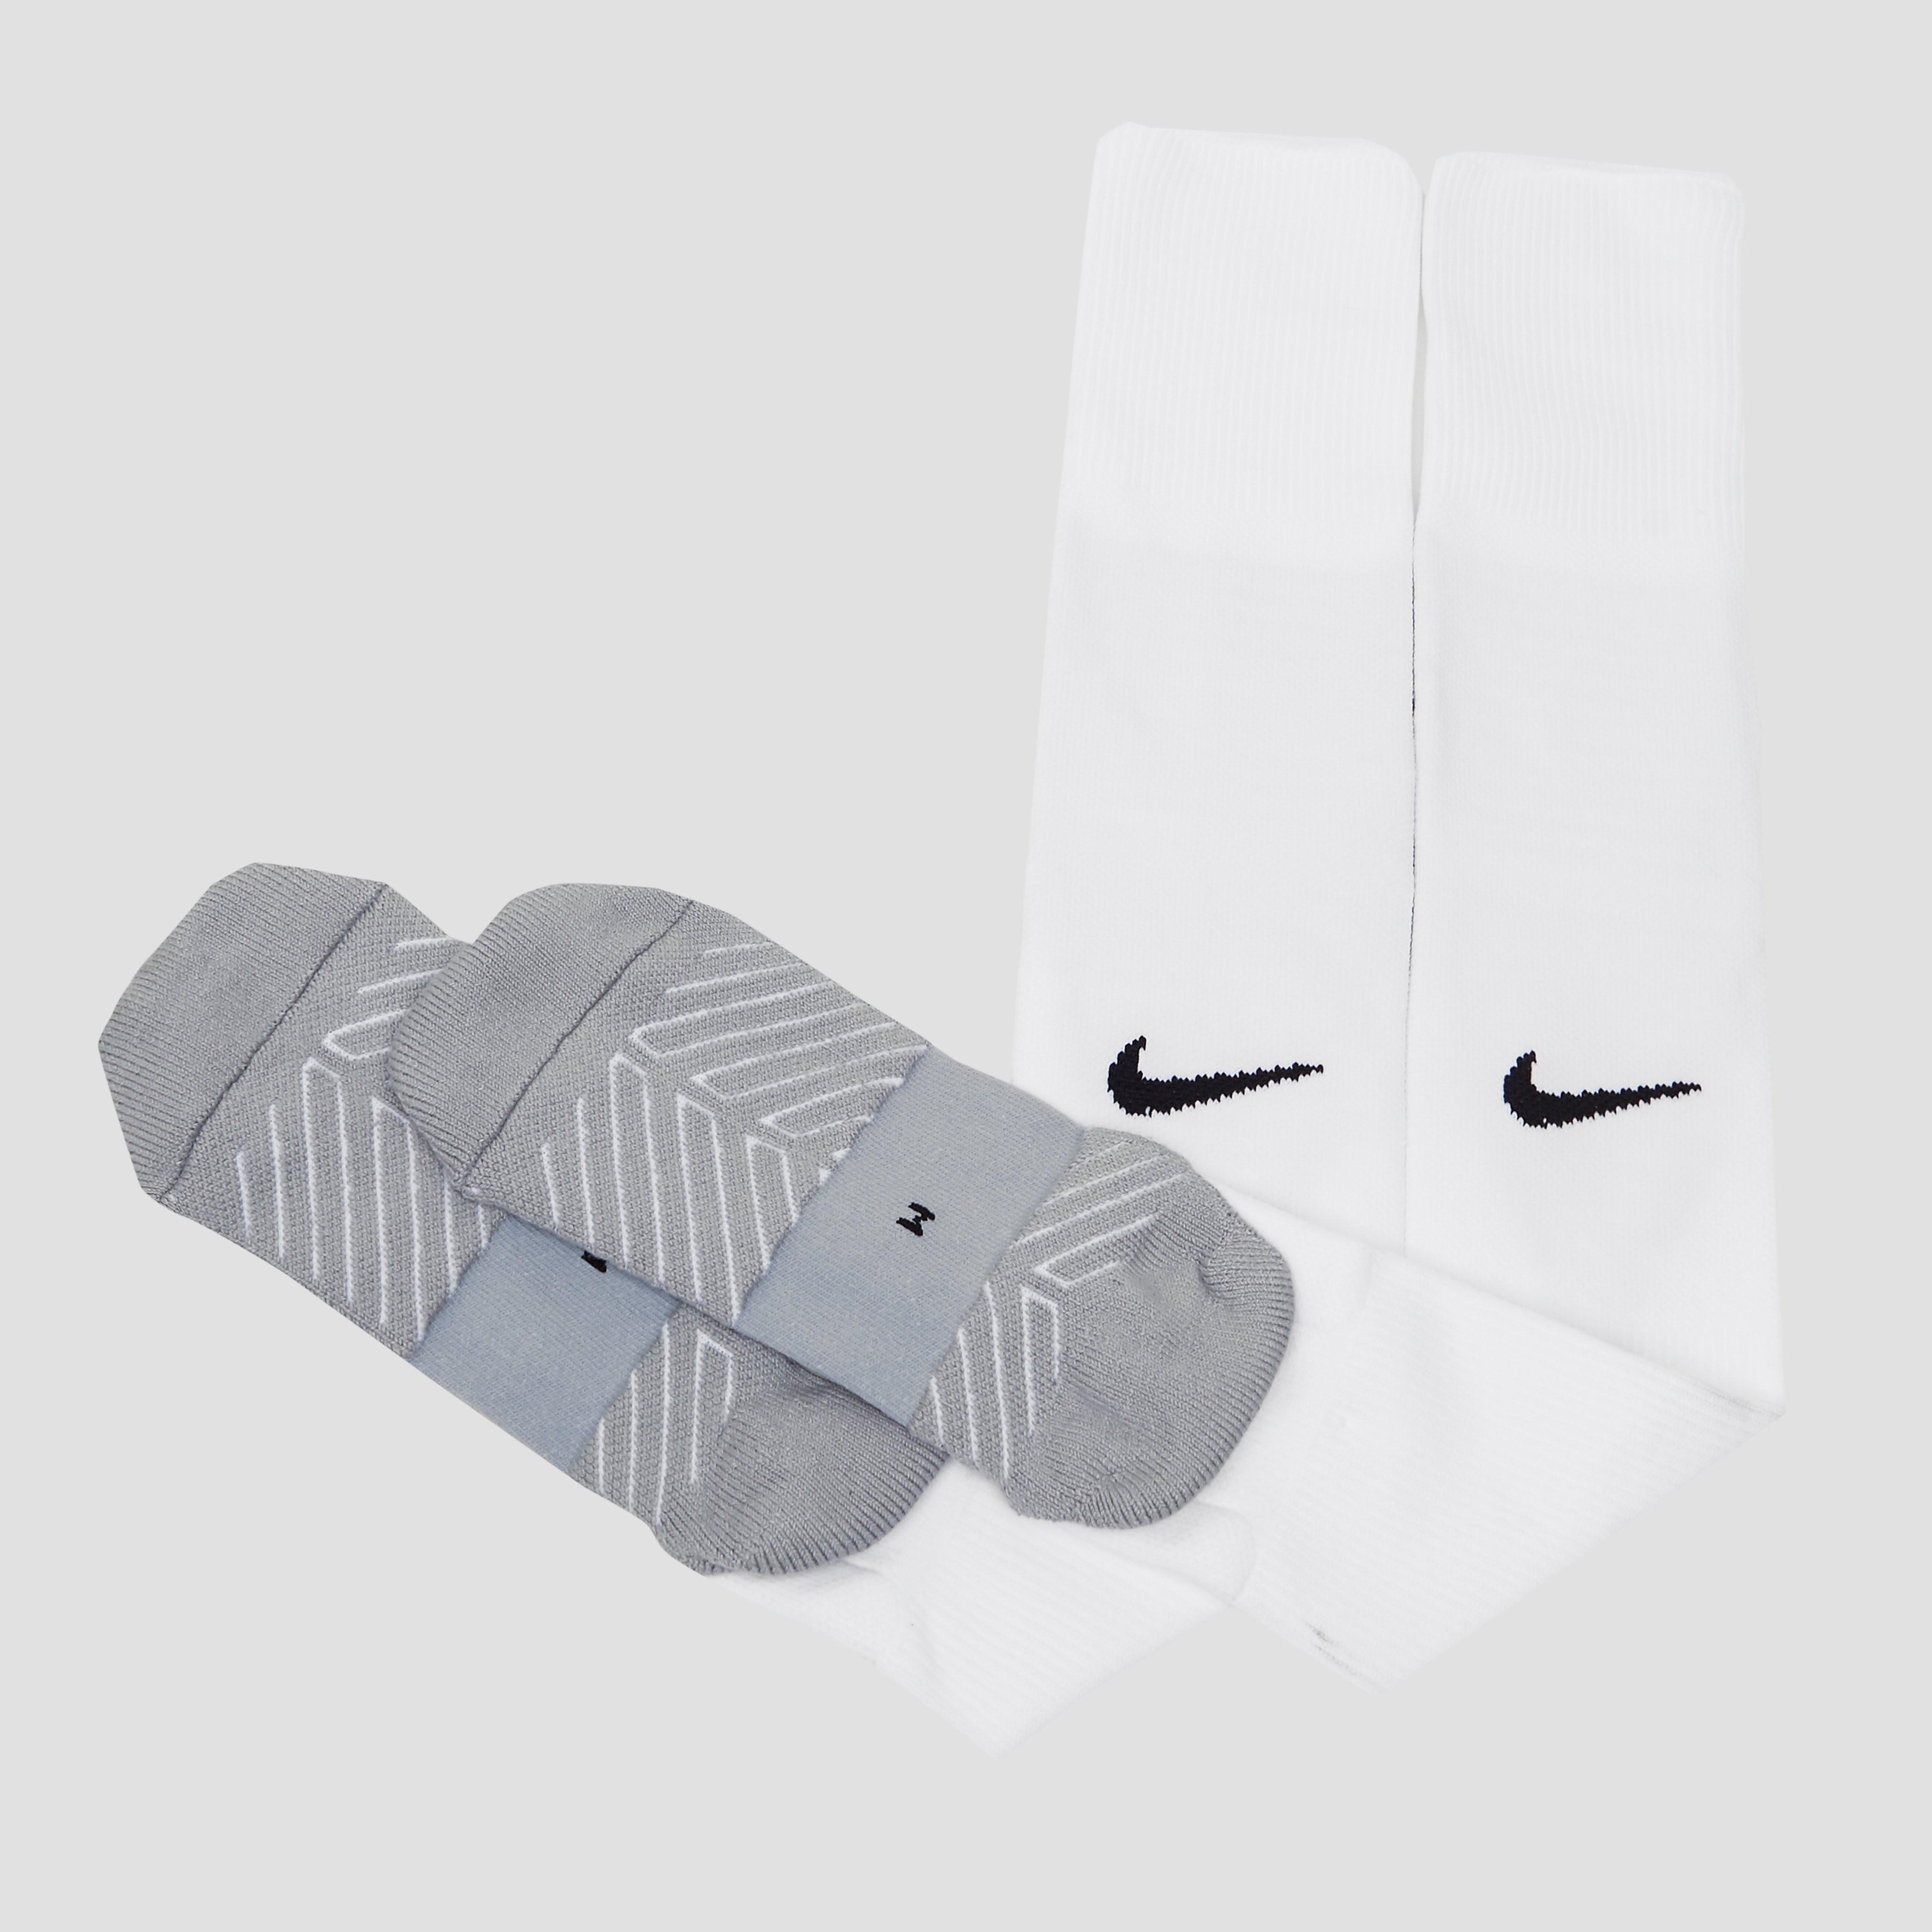 Nike STADIUM OVER - THE - CALF VOETBALSOKKEN online kopen